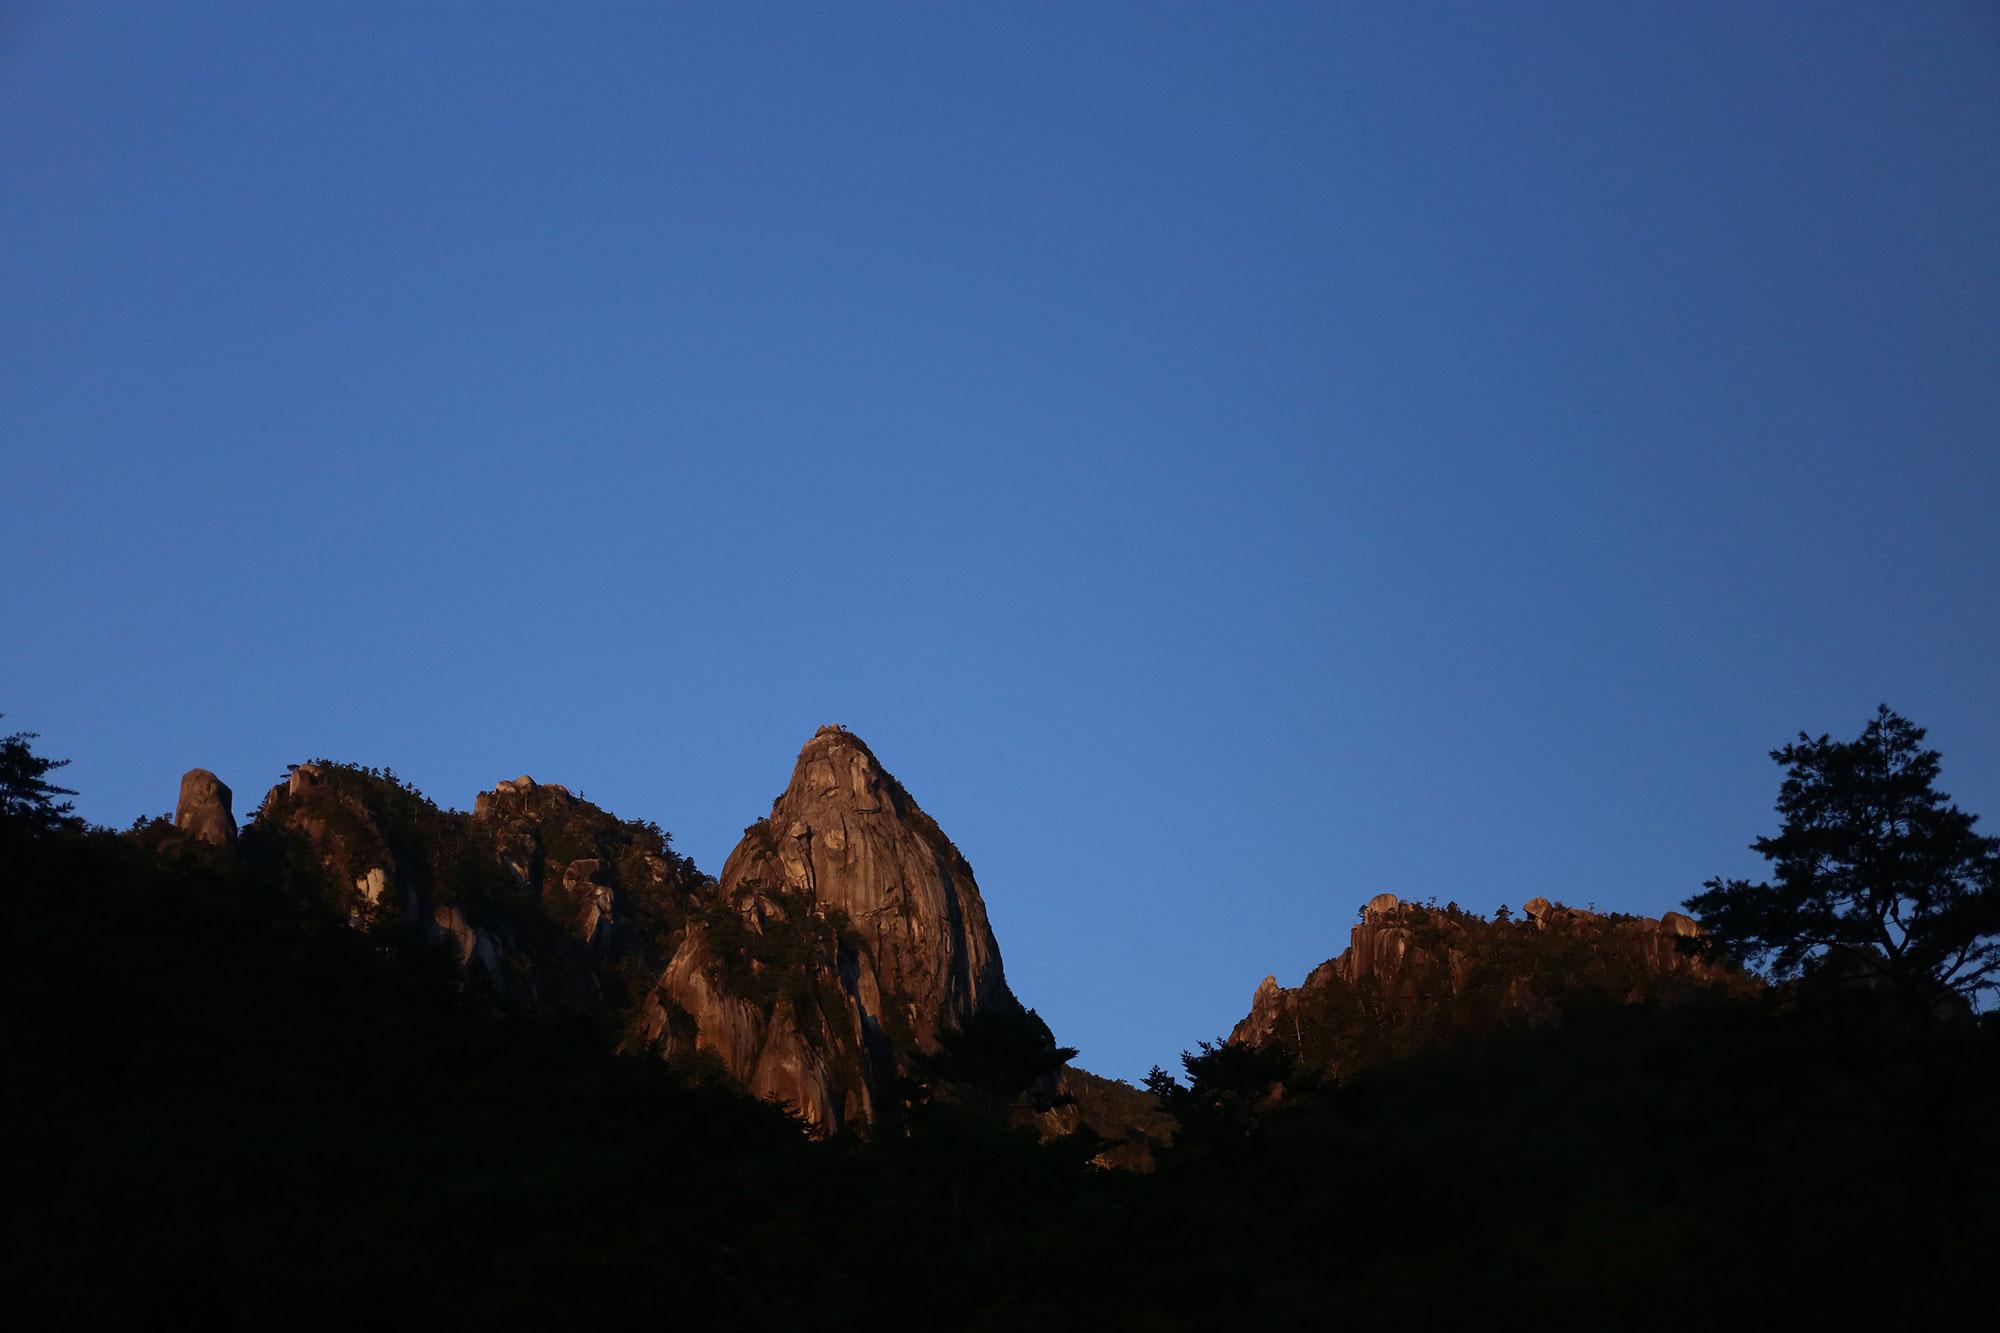 渡渉点から眺める大崩山の岩峰